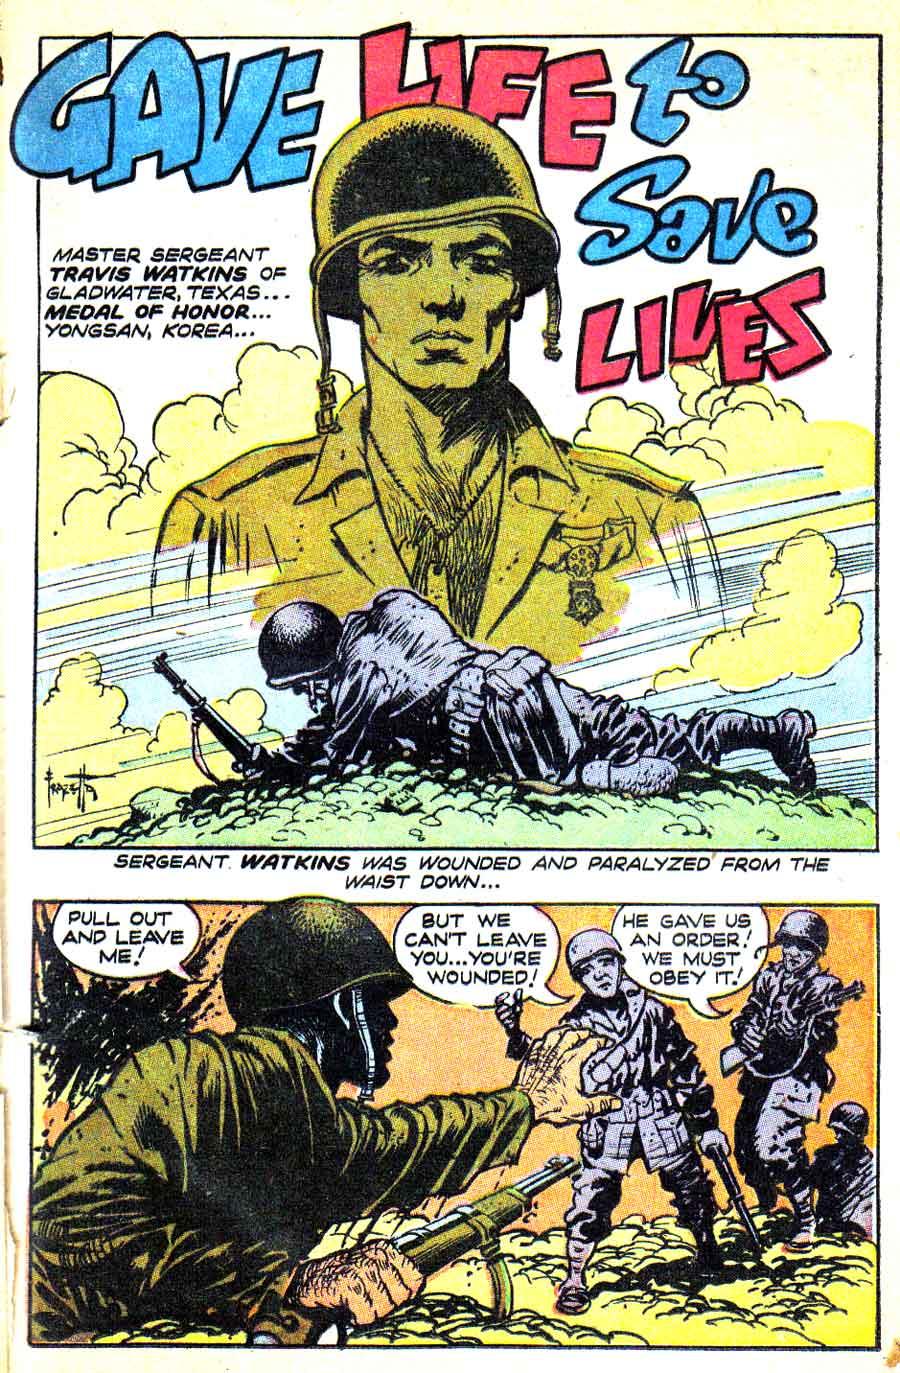 Heroic Comics #71 golden age 1950s war comic book page art by Frank Frazetta